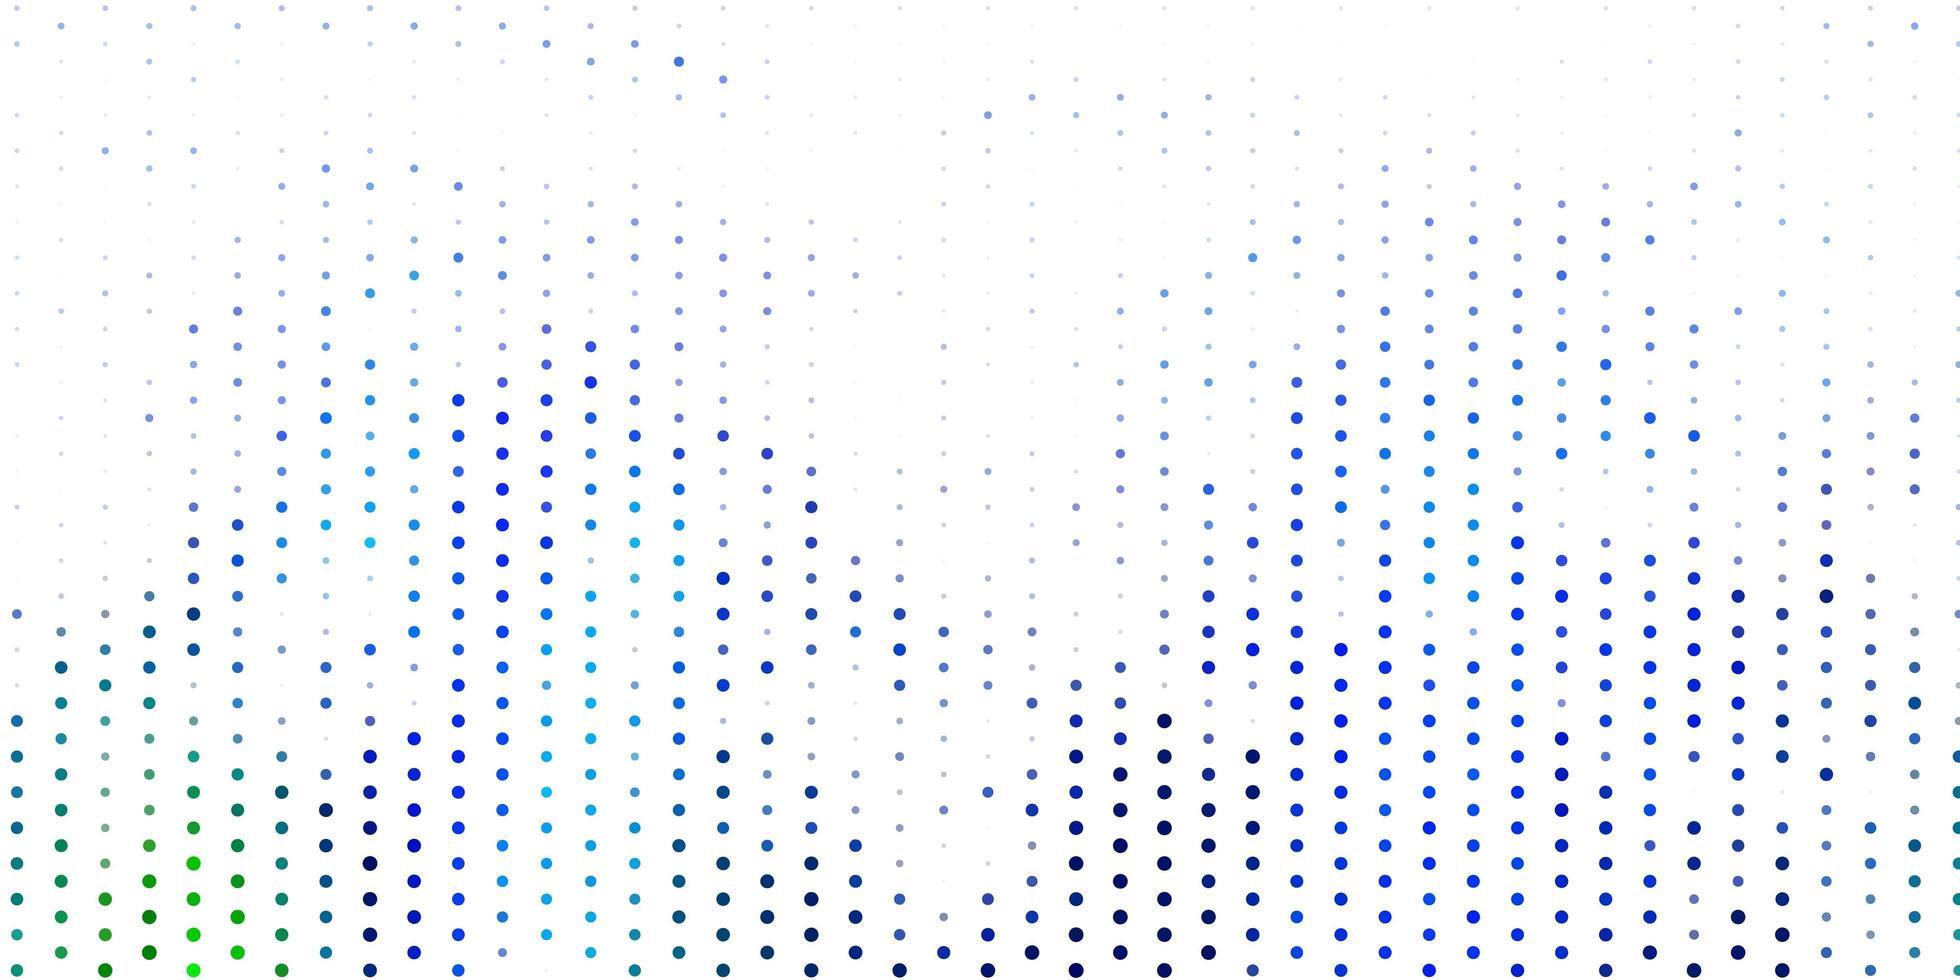 padrão de vetor azul e verde claro com esferas.